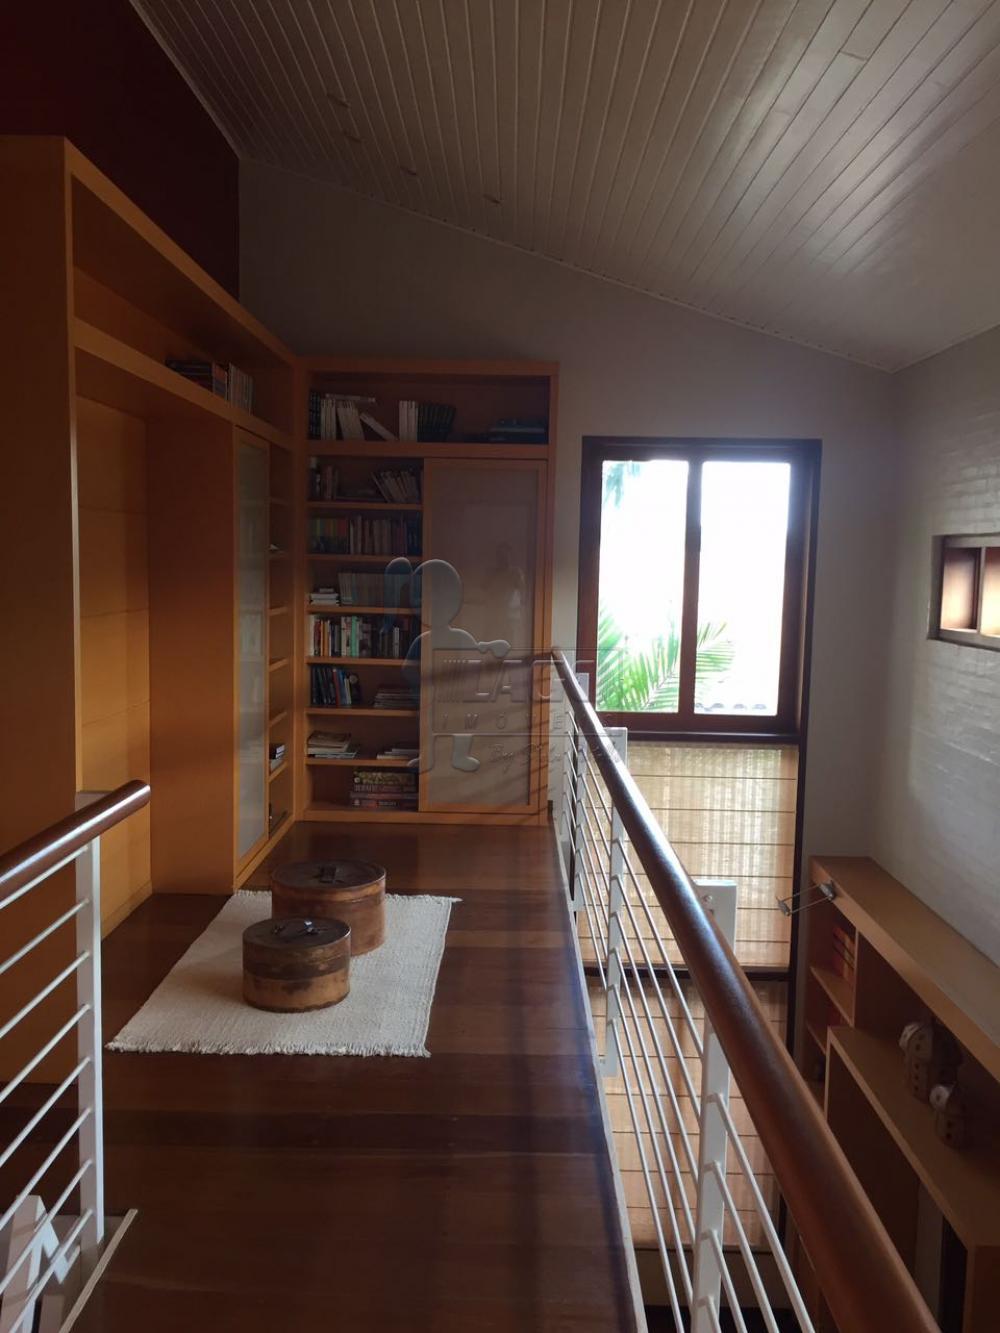 Alugar Casas / Condomínio em Bonfim Paulista apenas R$ 8.500,00 - Foto 37